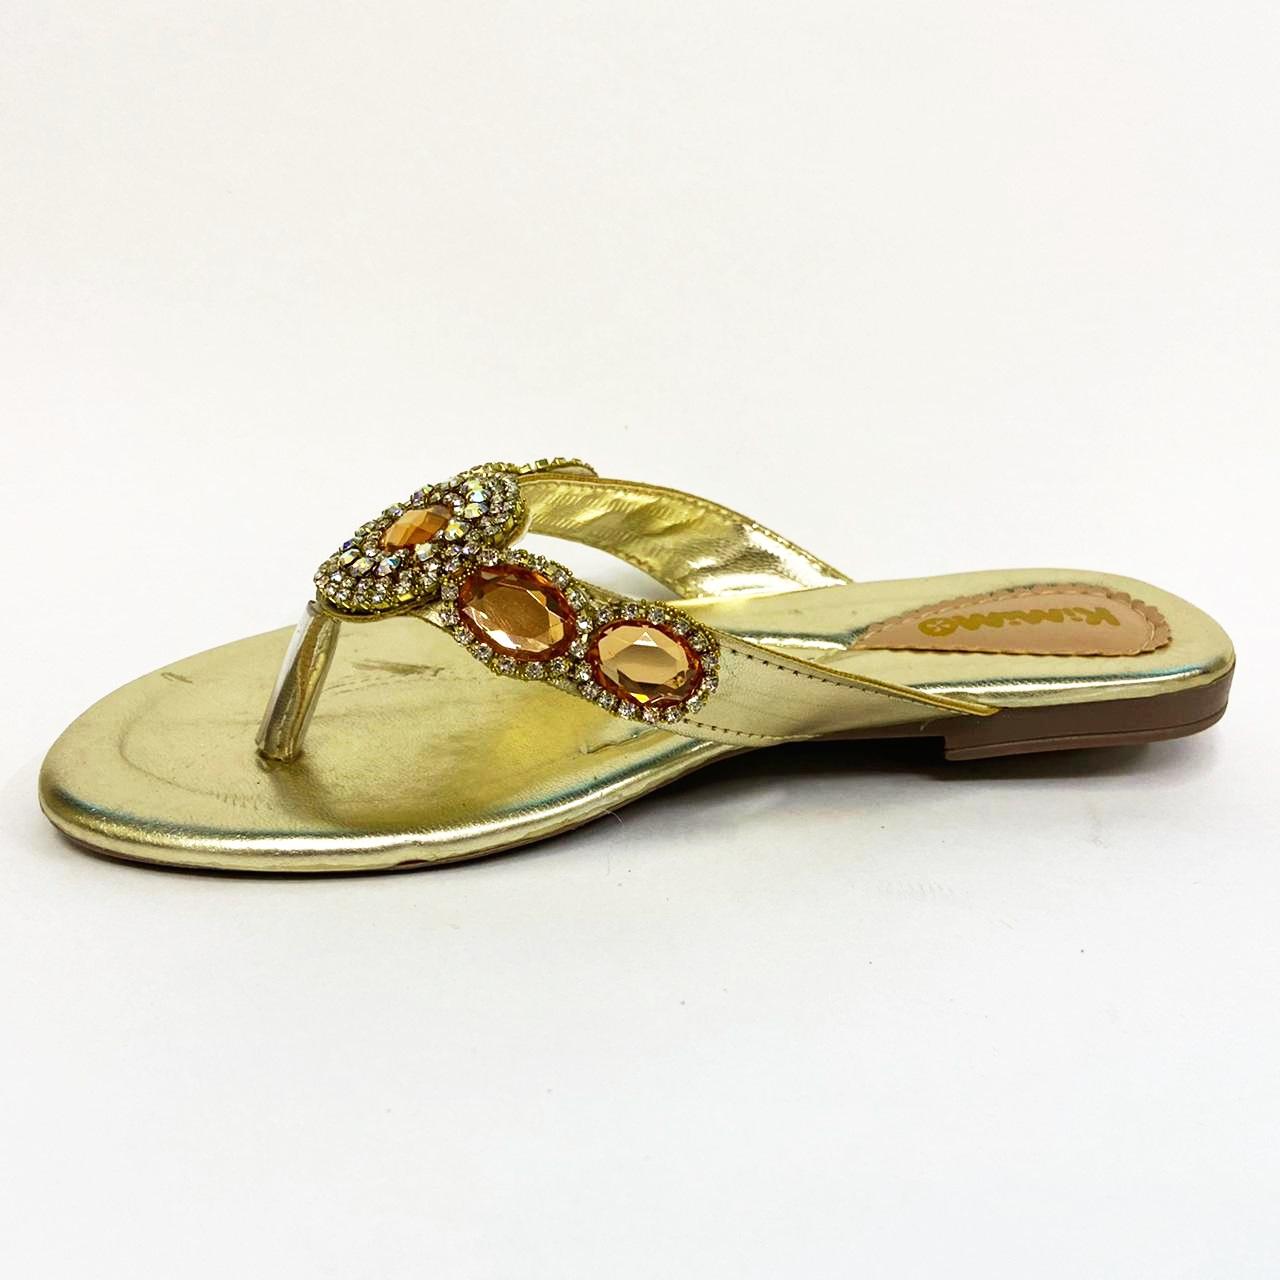 Sandalia Rasteira Feminina Infantil Kimimo 6409-55 - Ouro